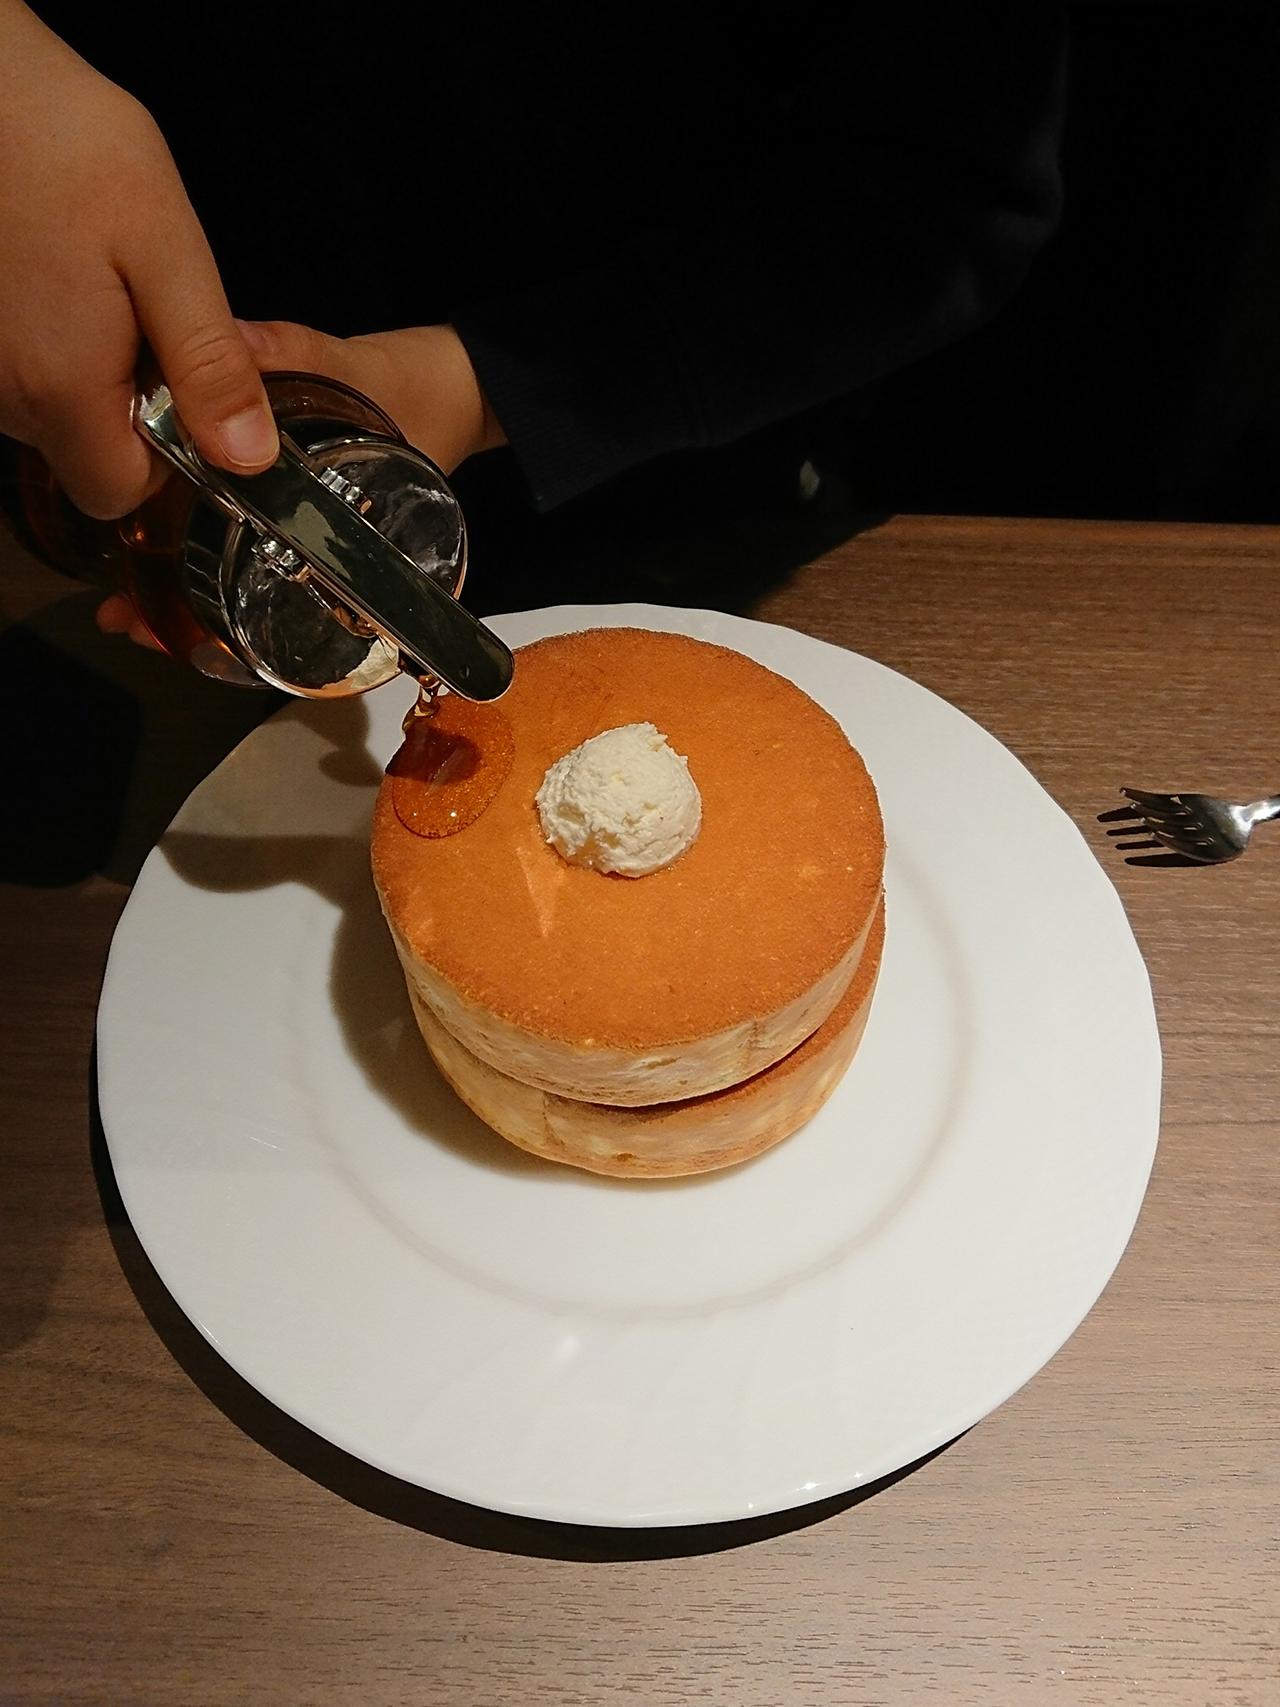 スフレパンケーキの写真